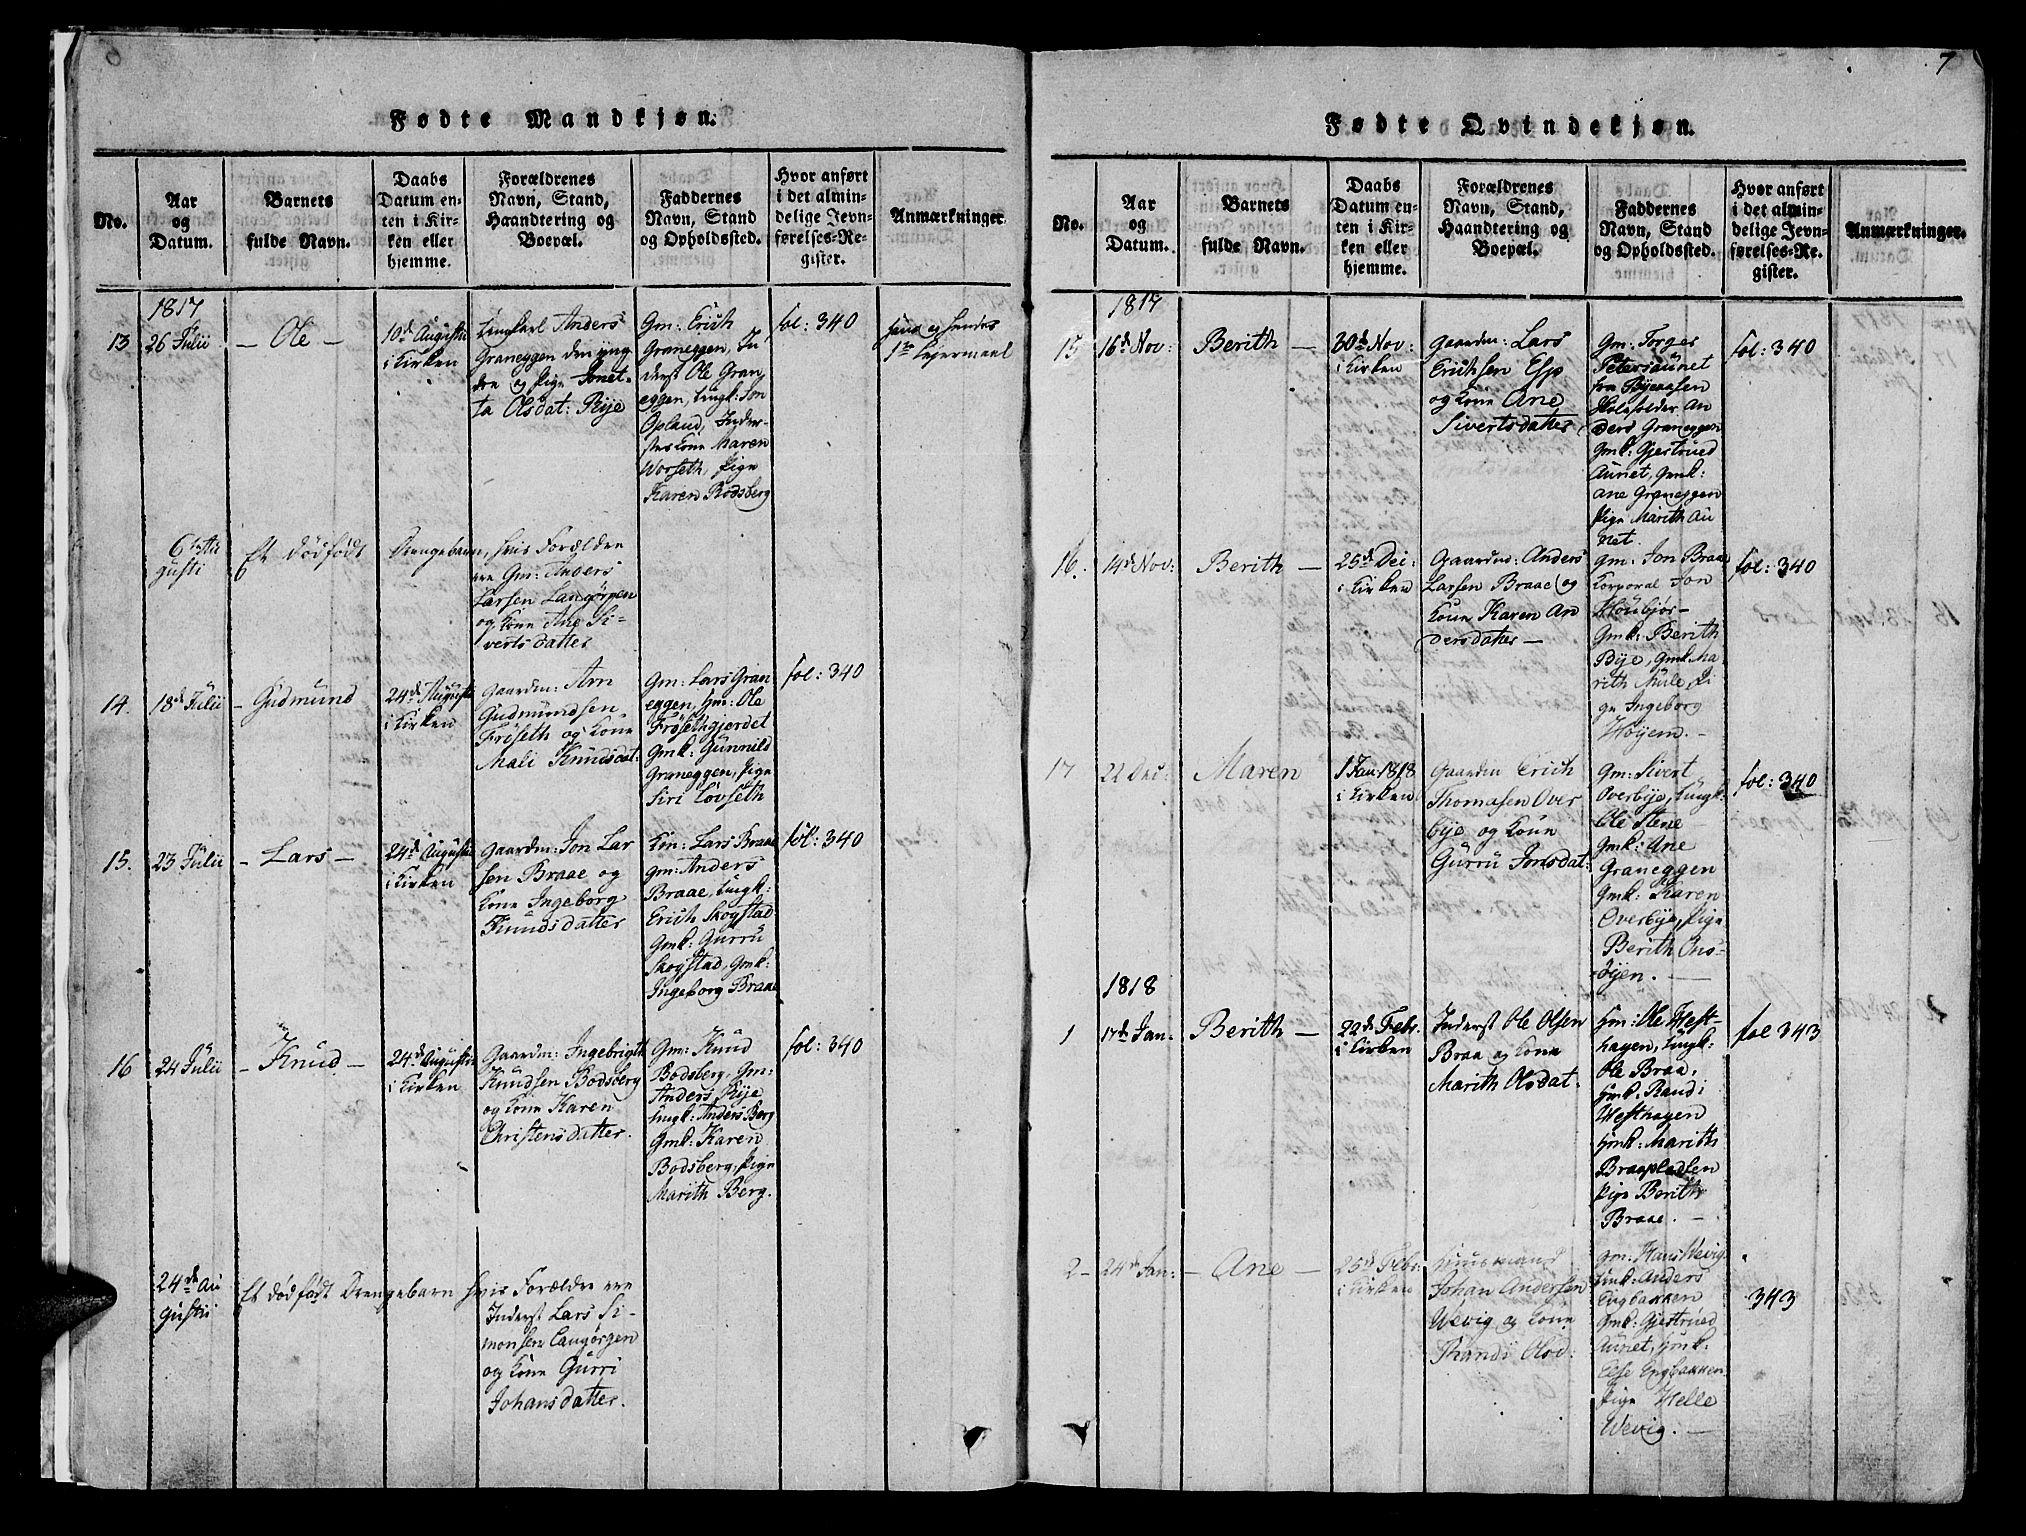 SAT, Ministerialprotokoller, klokkerbøker og fødselsregistre - Sør-Trøndelag, 612/L0372: Ministerialbok nr. 612A06 /1, 1816-1828, s. 7